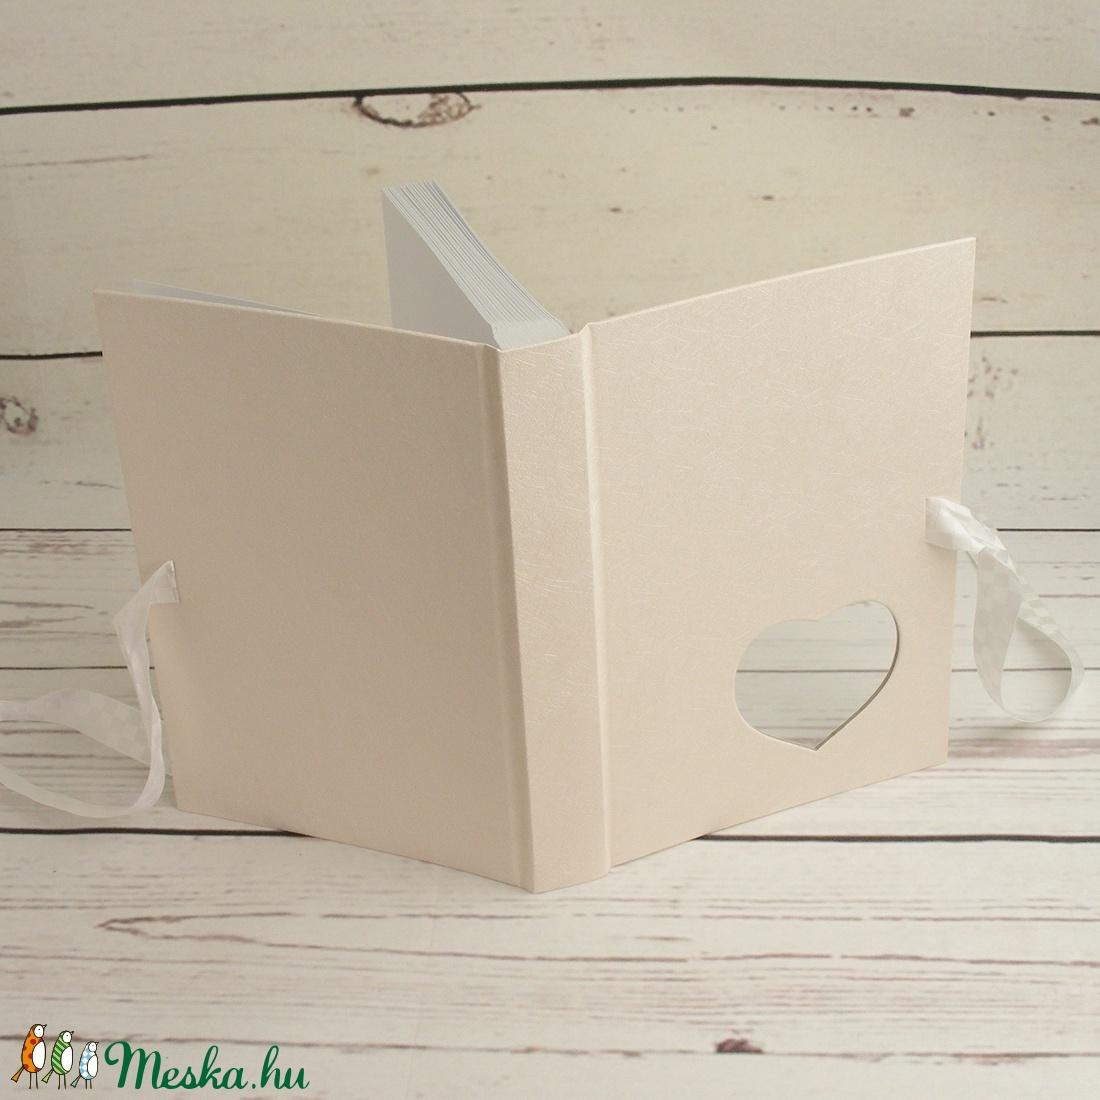 Fehér esküvői fotóalbum, fényképalbum esküvőre, album ajándékba, nászajándék az ifjú párnak, szív alakú ablak, szalag - esküvő - emlék & ajándék - album & fotóalbum - Meska.hu